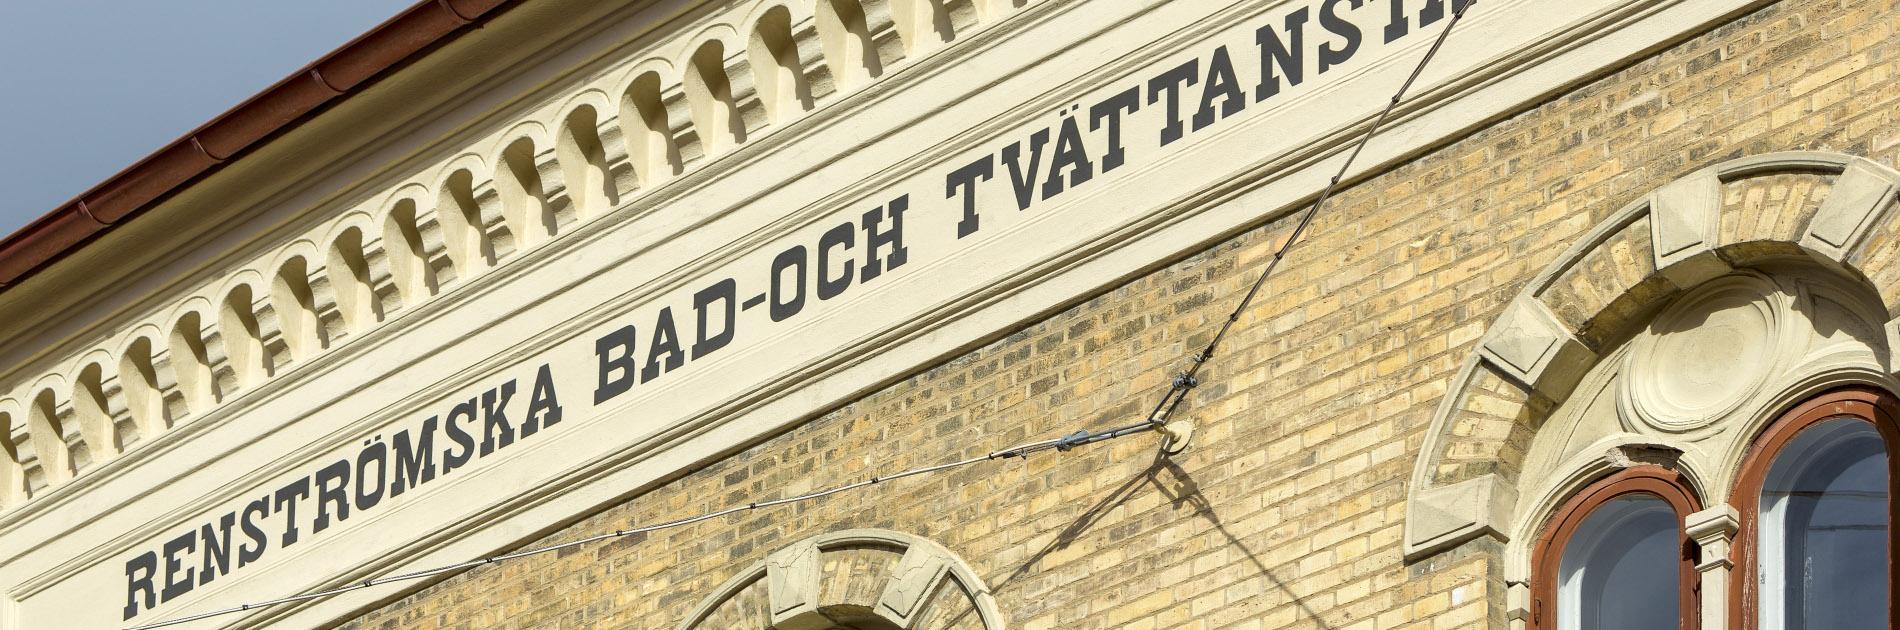 Fasadtext på Hagabadet där det står Renströmska Tvätt- och Badinrättningen.